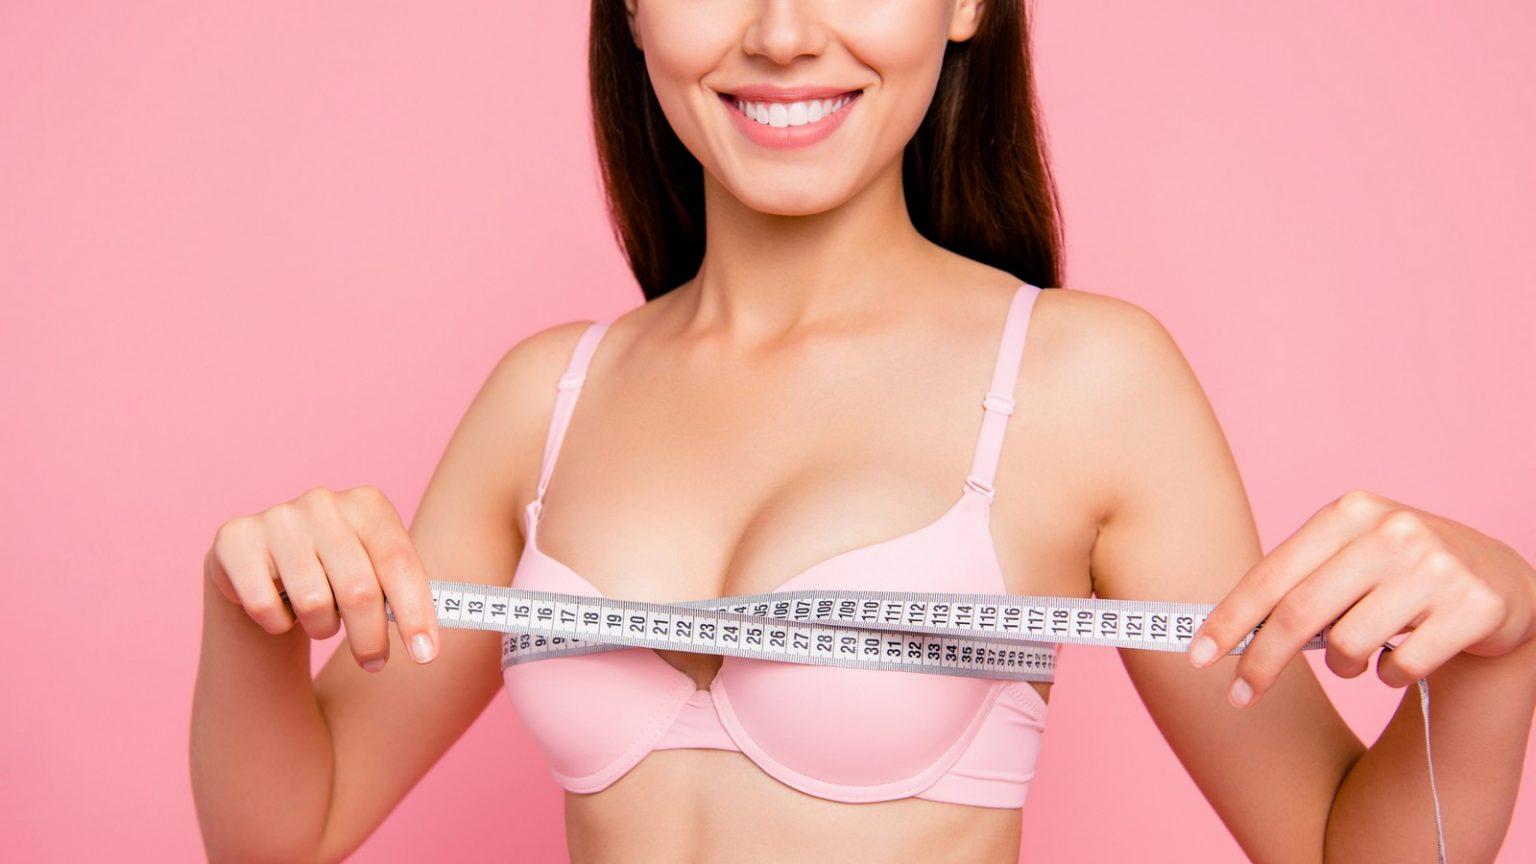 Bekomme ich durch die Pille größere Brüste?